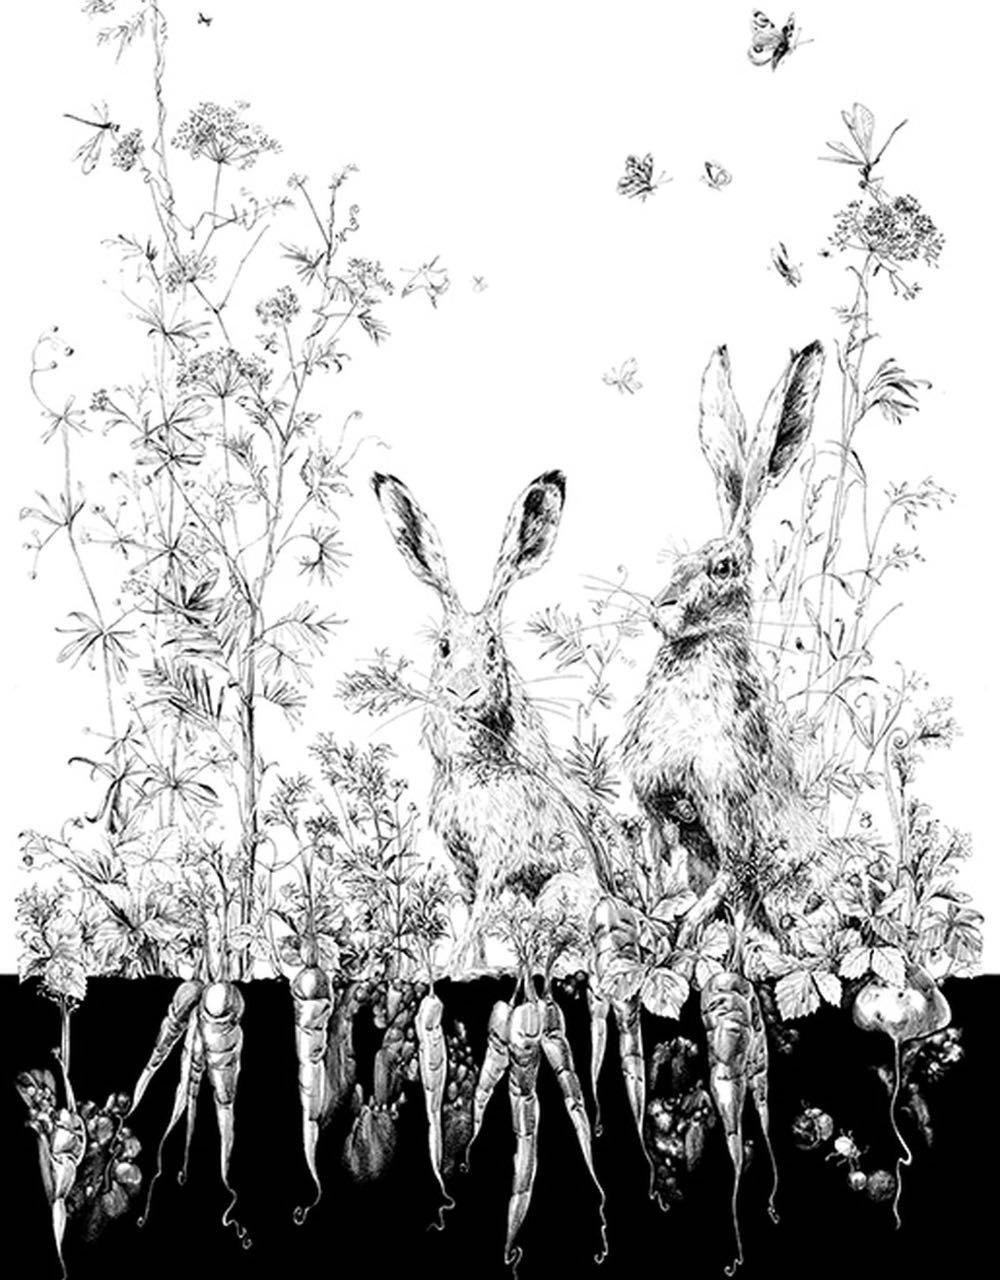 フランス壁紙 1ロール(3m) フリース(不織布) - 防炎加工 by キャサリン・グラン 《リエーブル - 右》 ブラック & ホワイト by Edmond Petit (エドモンプティ)